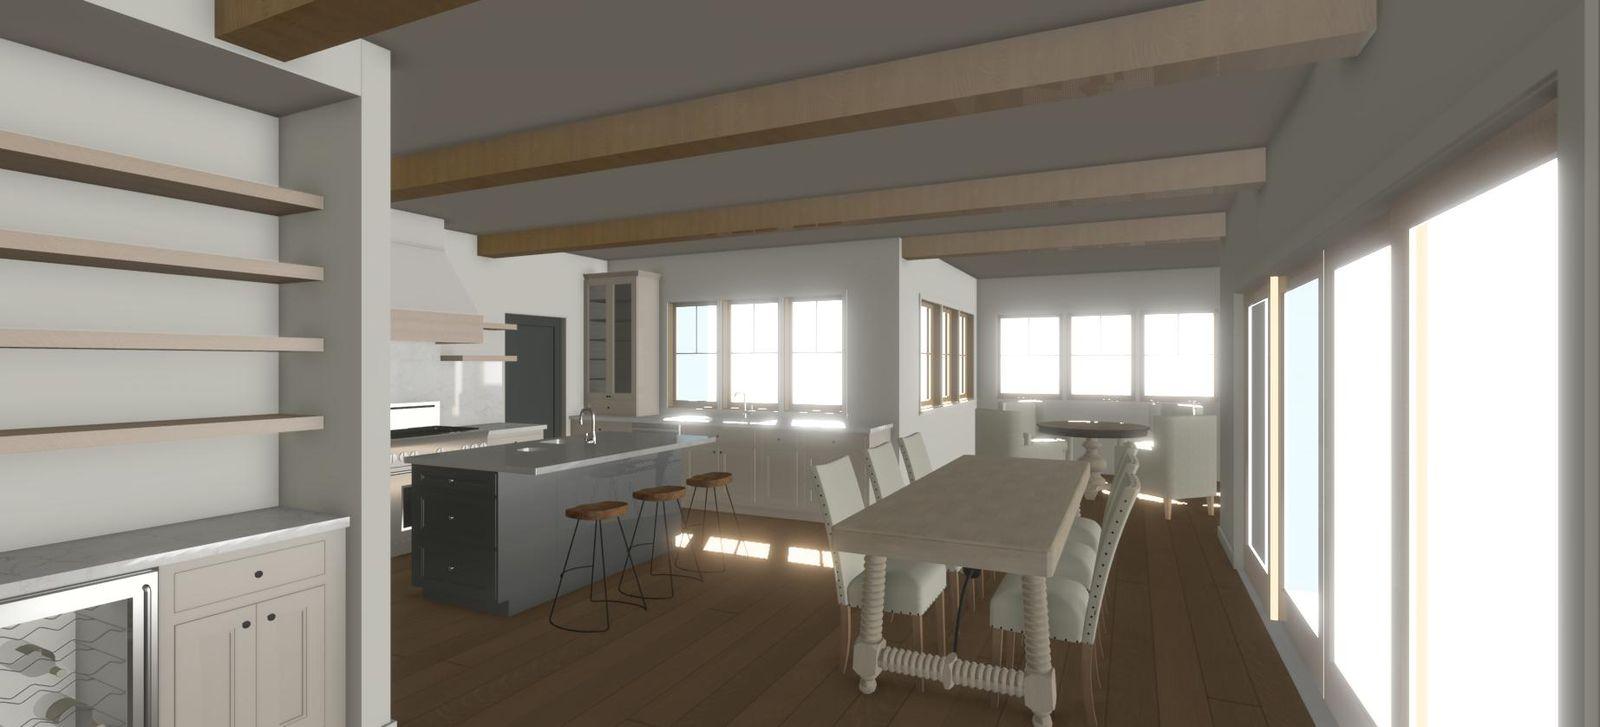 interior design warm organic color palette